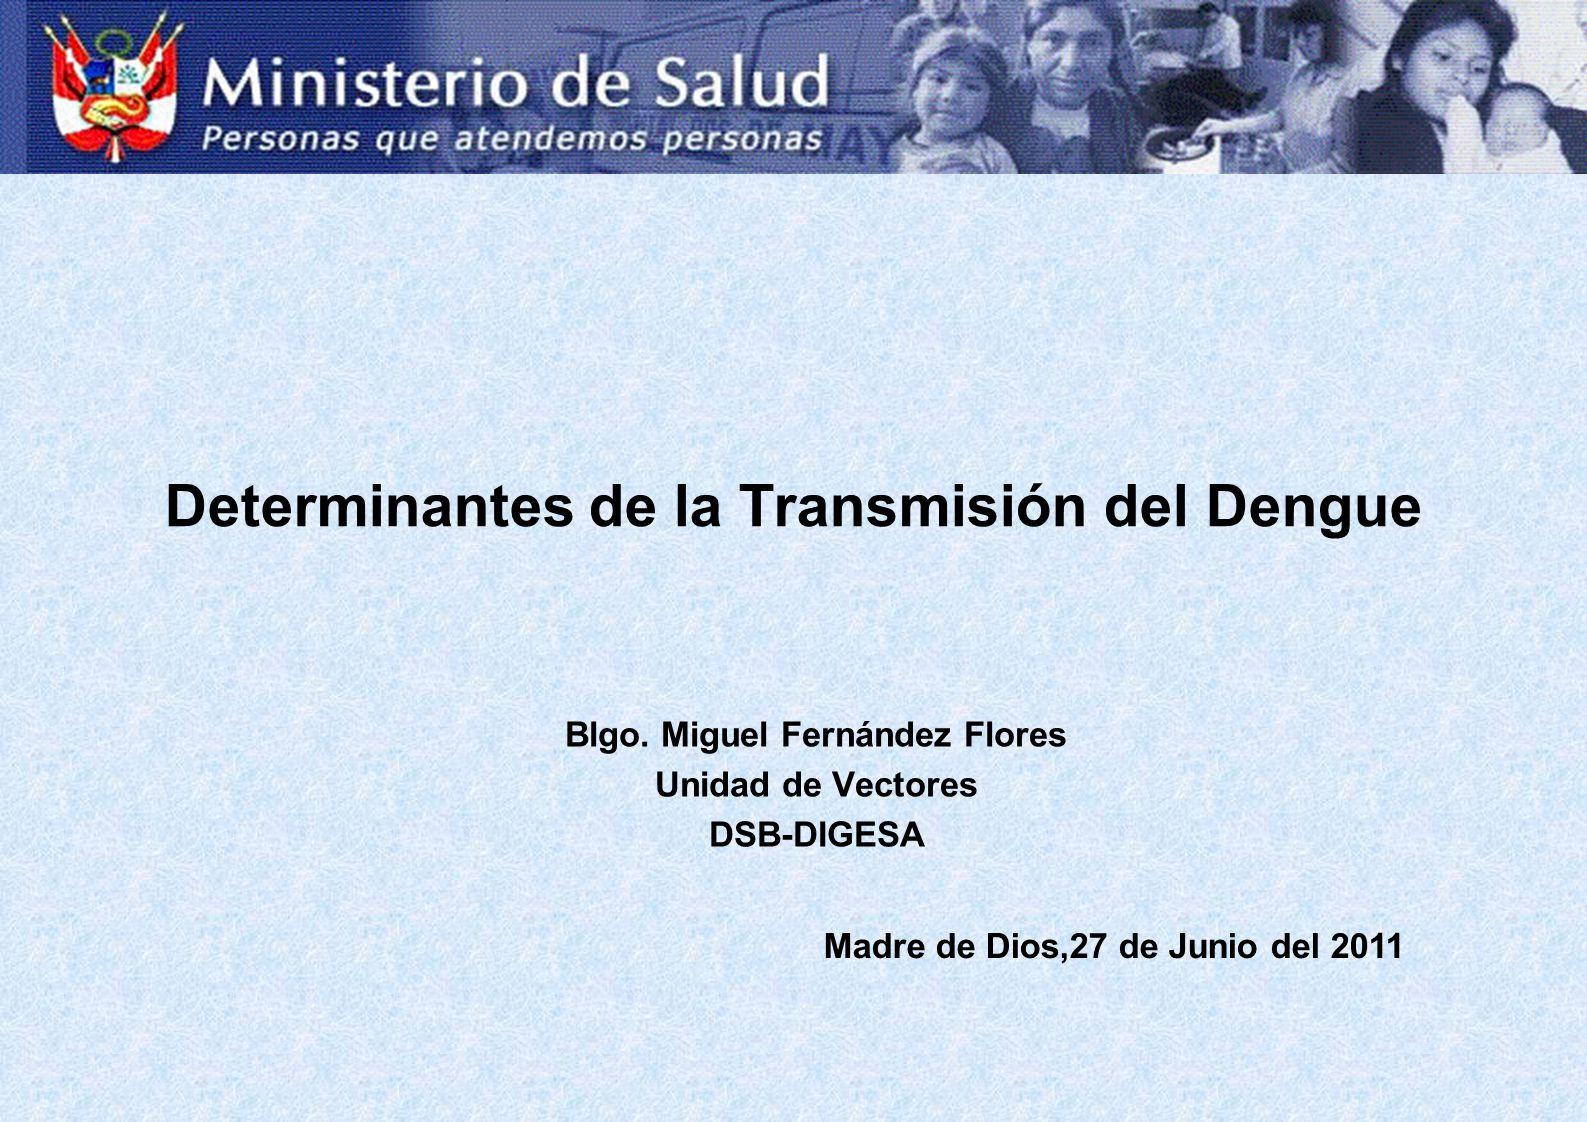 Determinantes de la Transmisión del Dengue